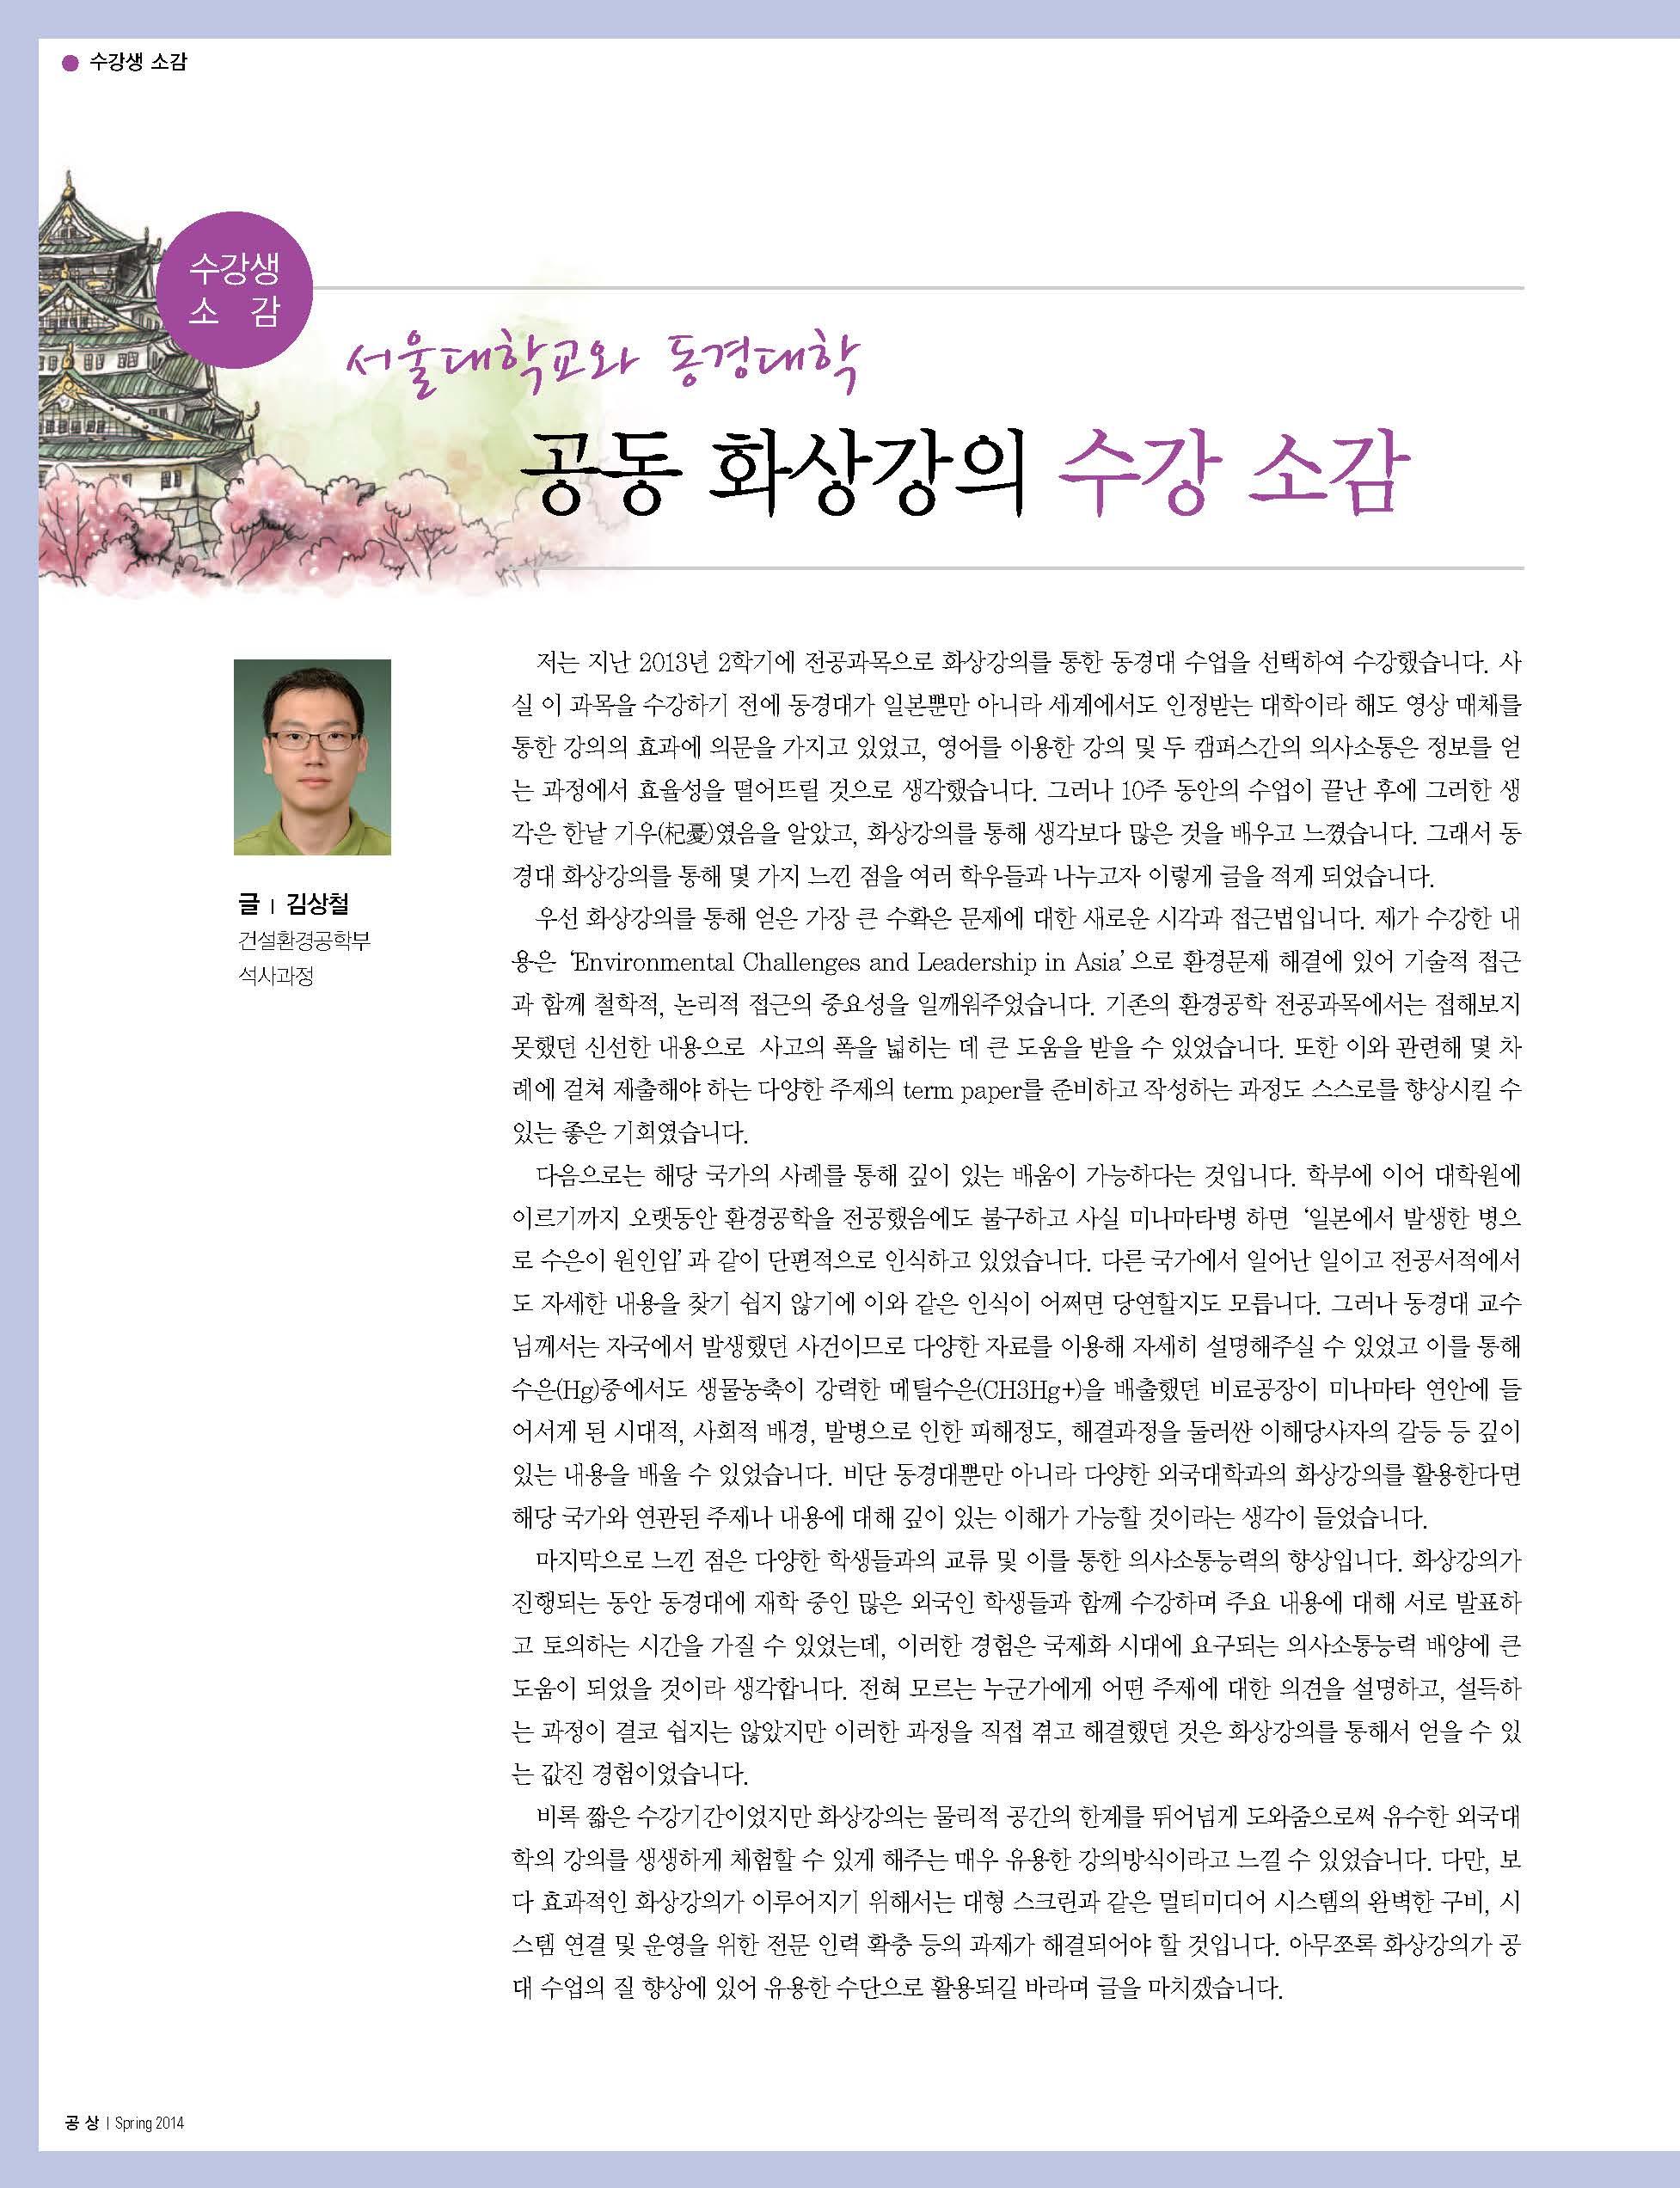 공상7호-최종본(0318)_페이지_42.jpg